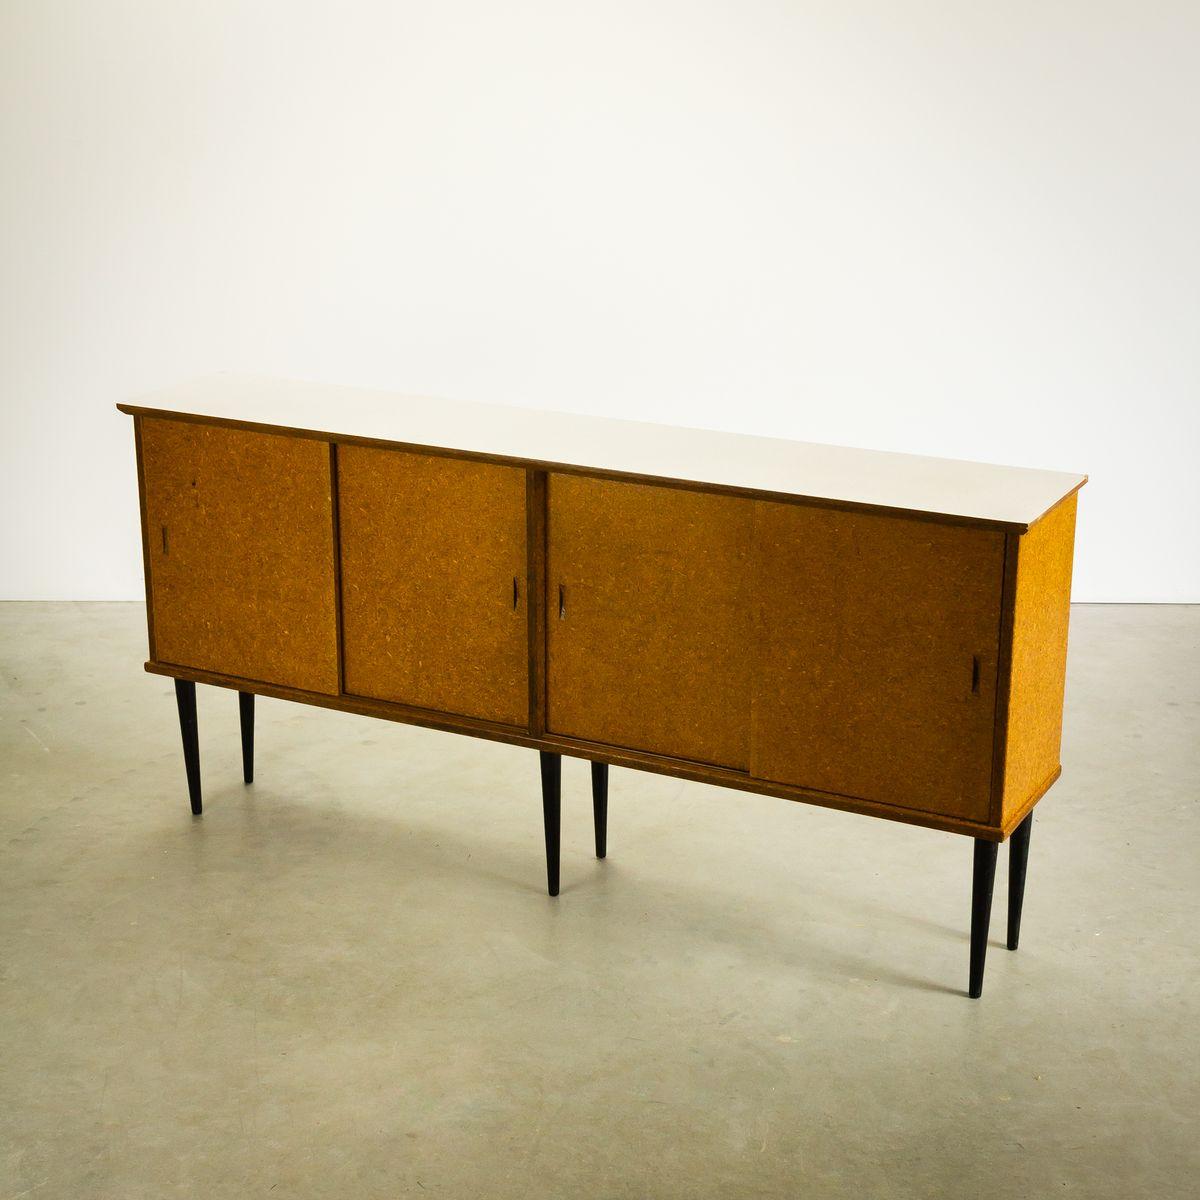 niederl ndisches sideboard mit schiebet ren von nissen. Black Bedroom Furniture Sets. Home Design Ideas